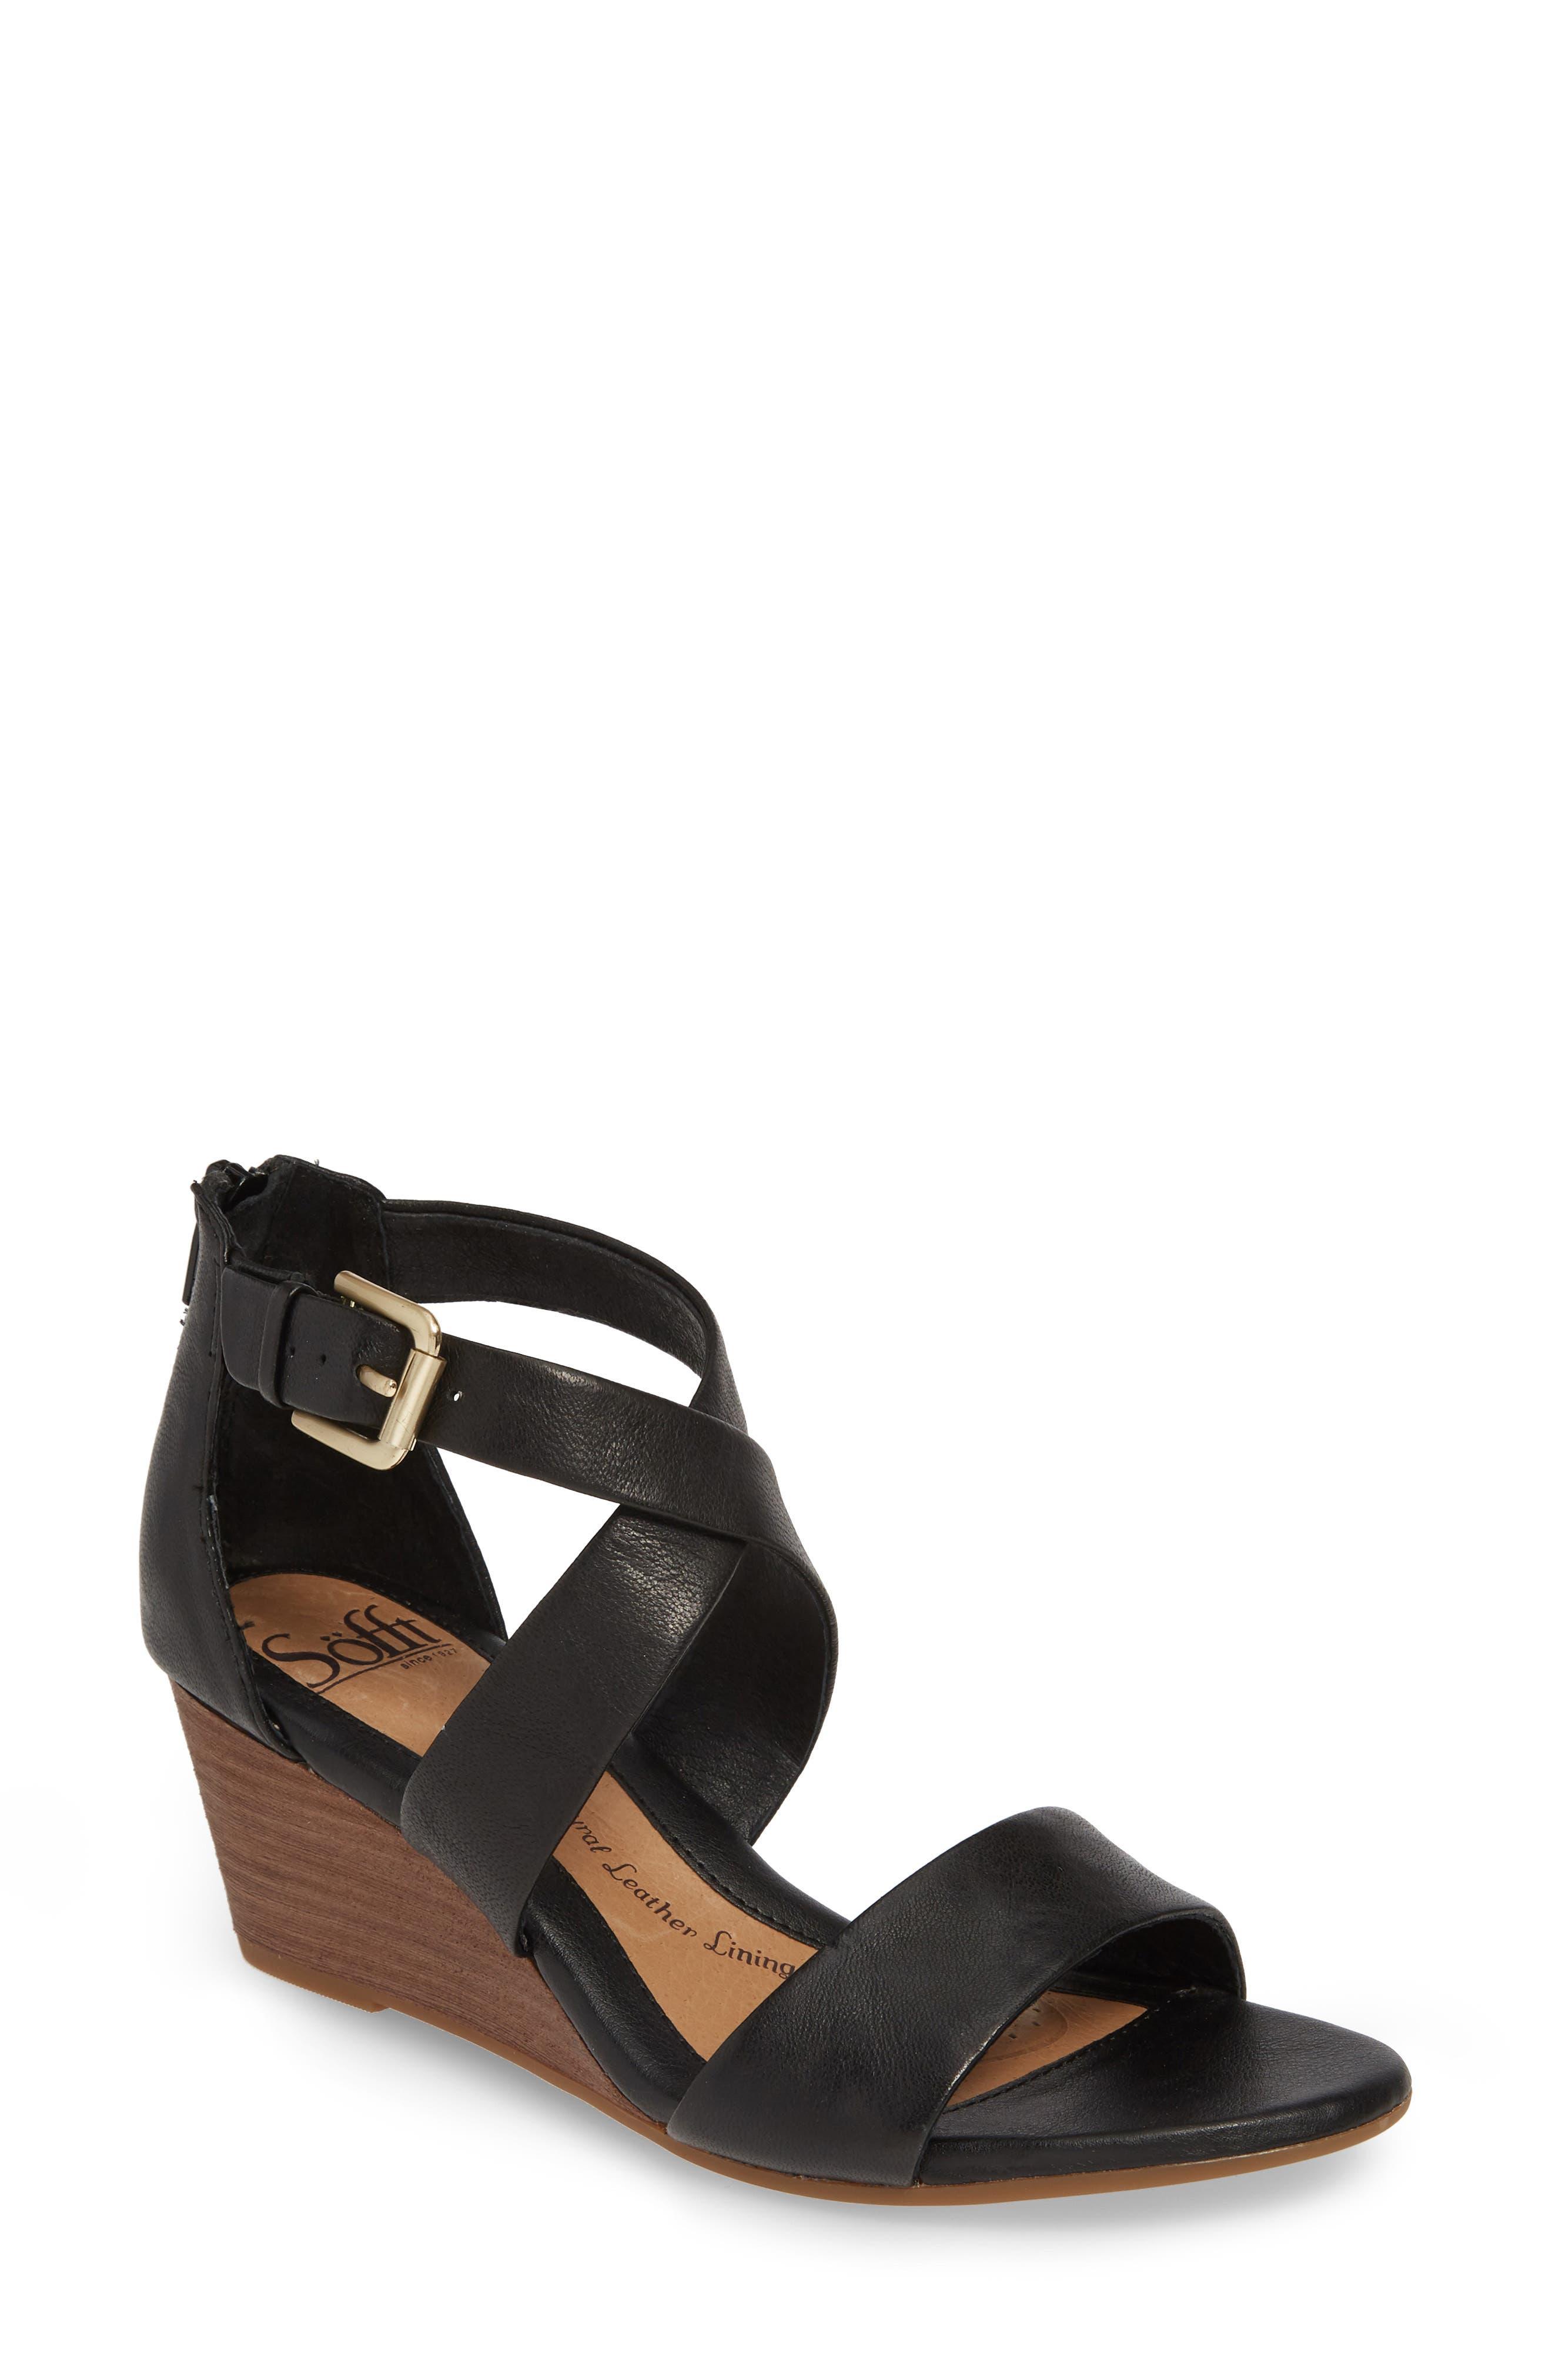 Mauldin Wedge Sandal, Main, color, BLACK